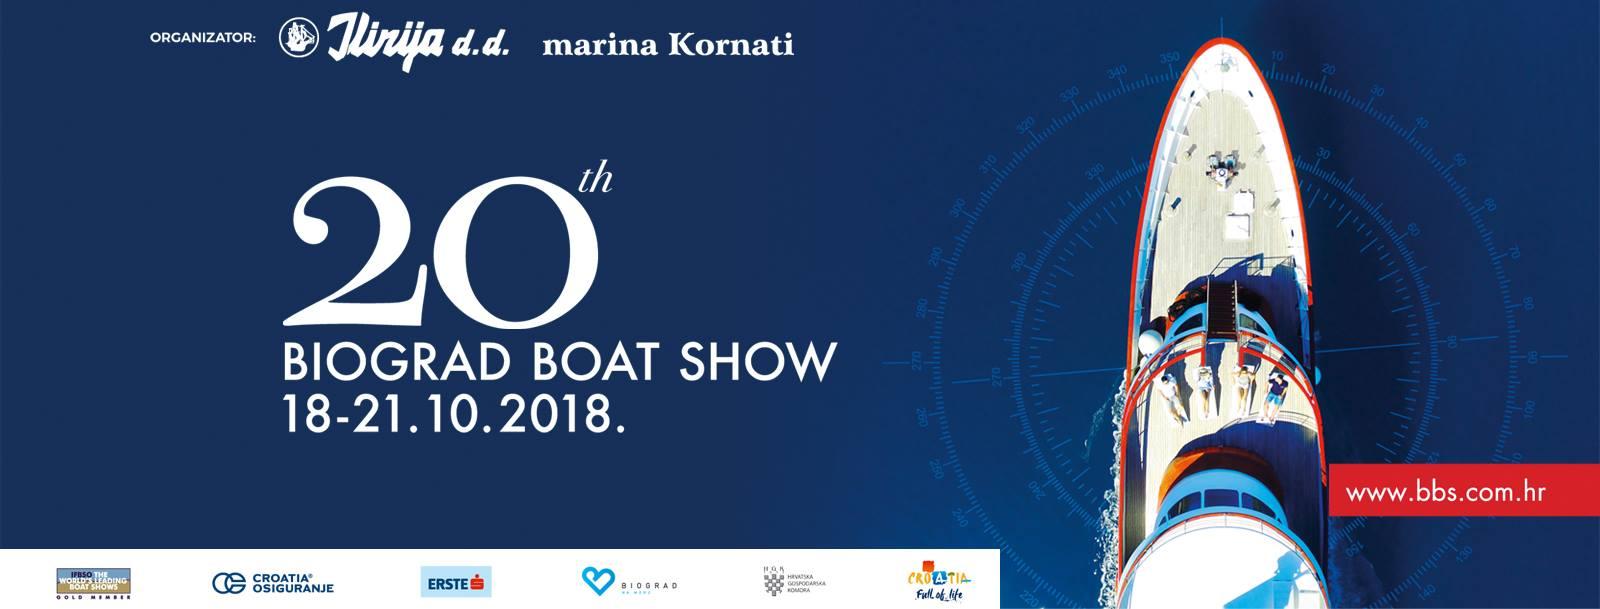 VIDEO: BIOGRAD BOAT SHOW Dodijeljena priznanja za najbolje brodove na hrvatskom tržištu